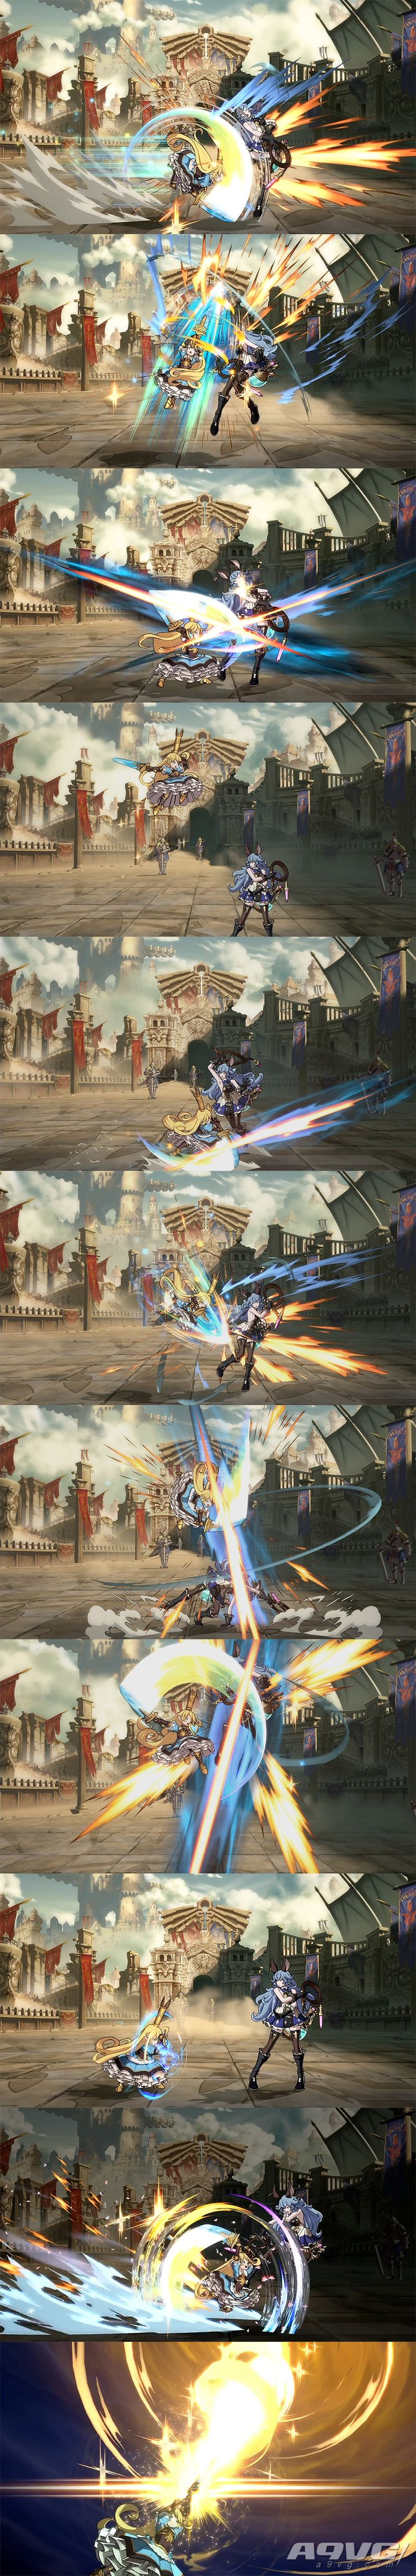 《碧蓝幻想VERSUS》音乐试听影像 另有全11名角色所有招式图